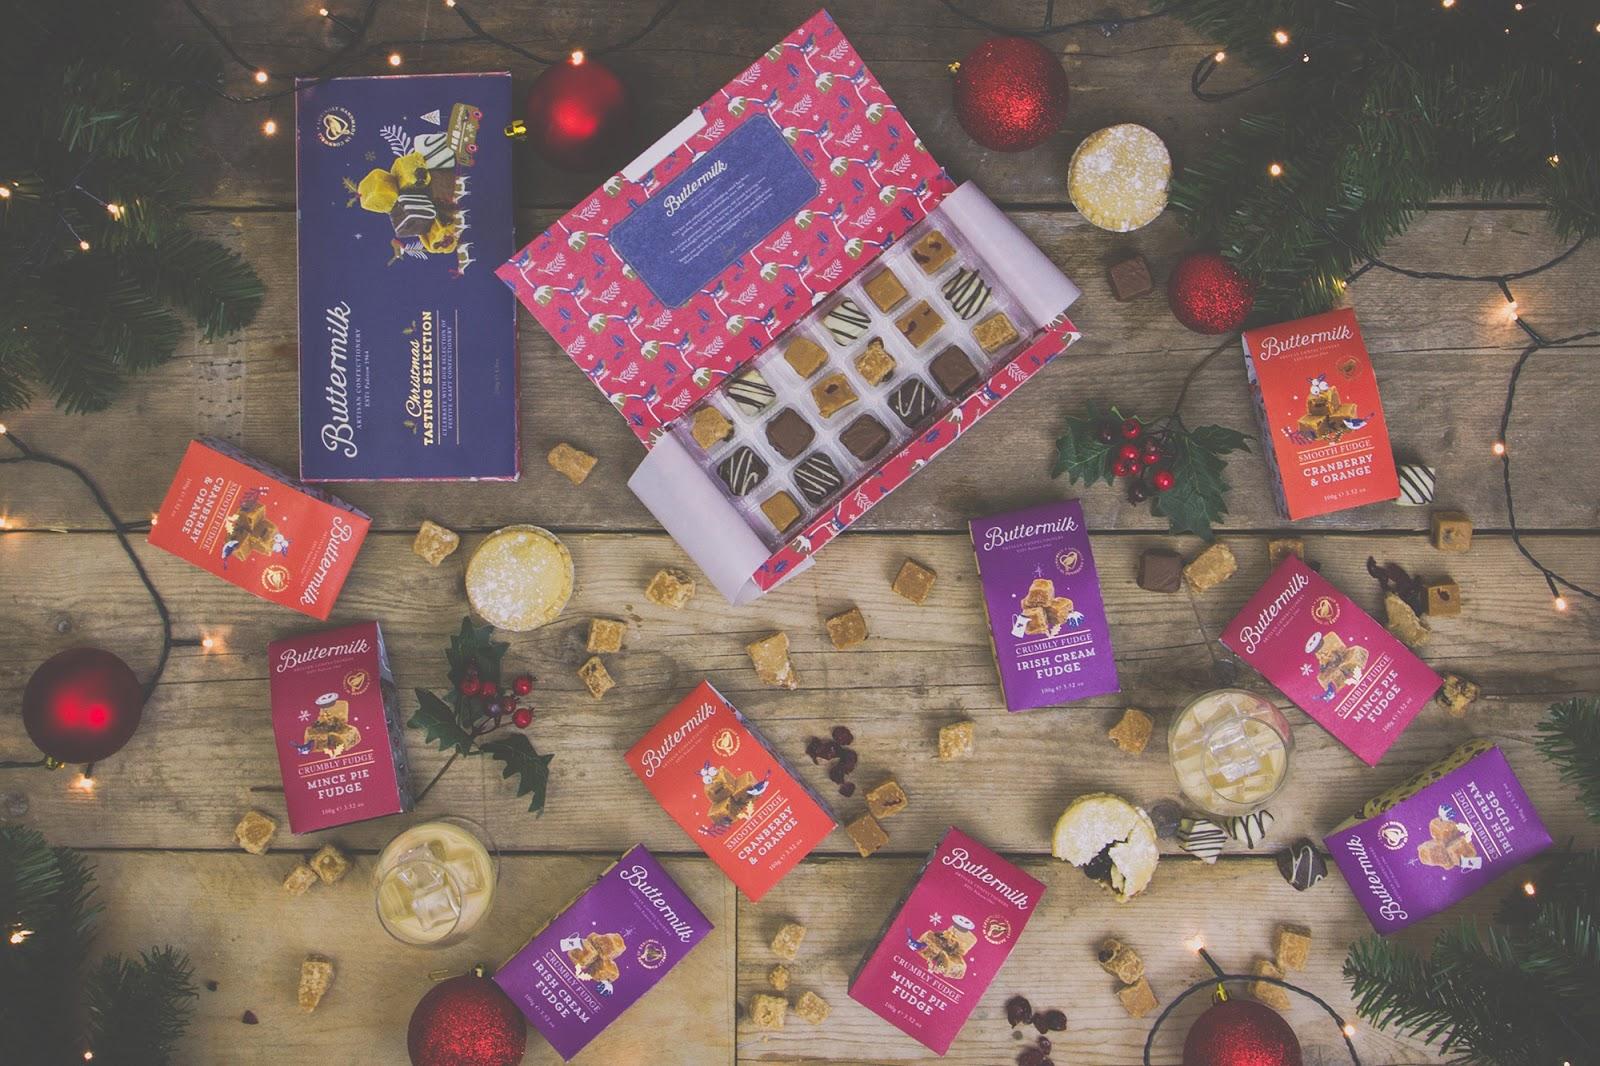 rgb.vn_buttermilk-packaging_03